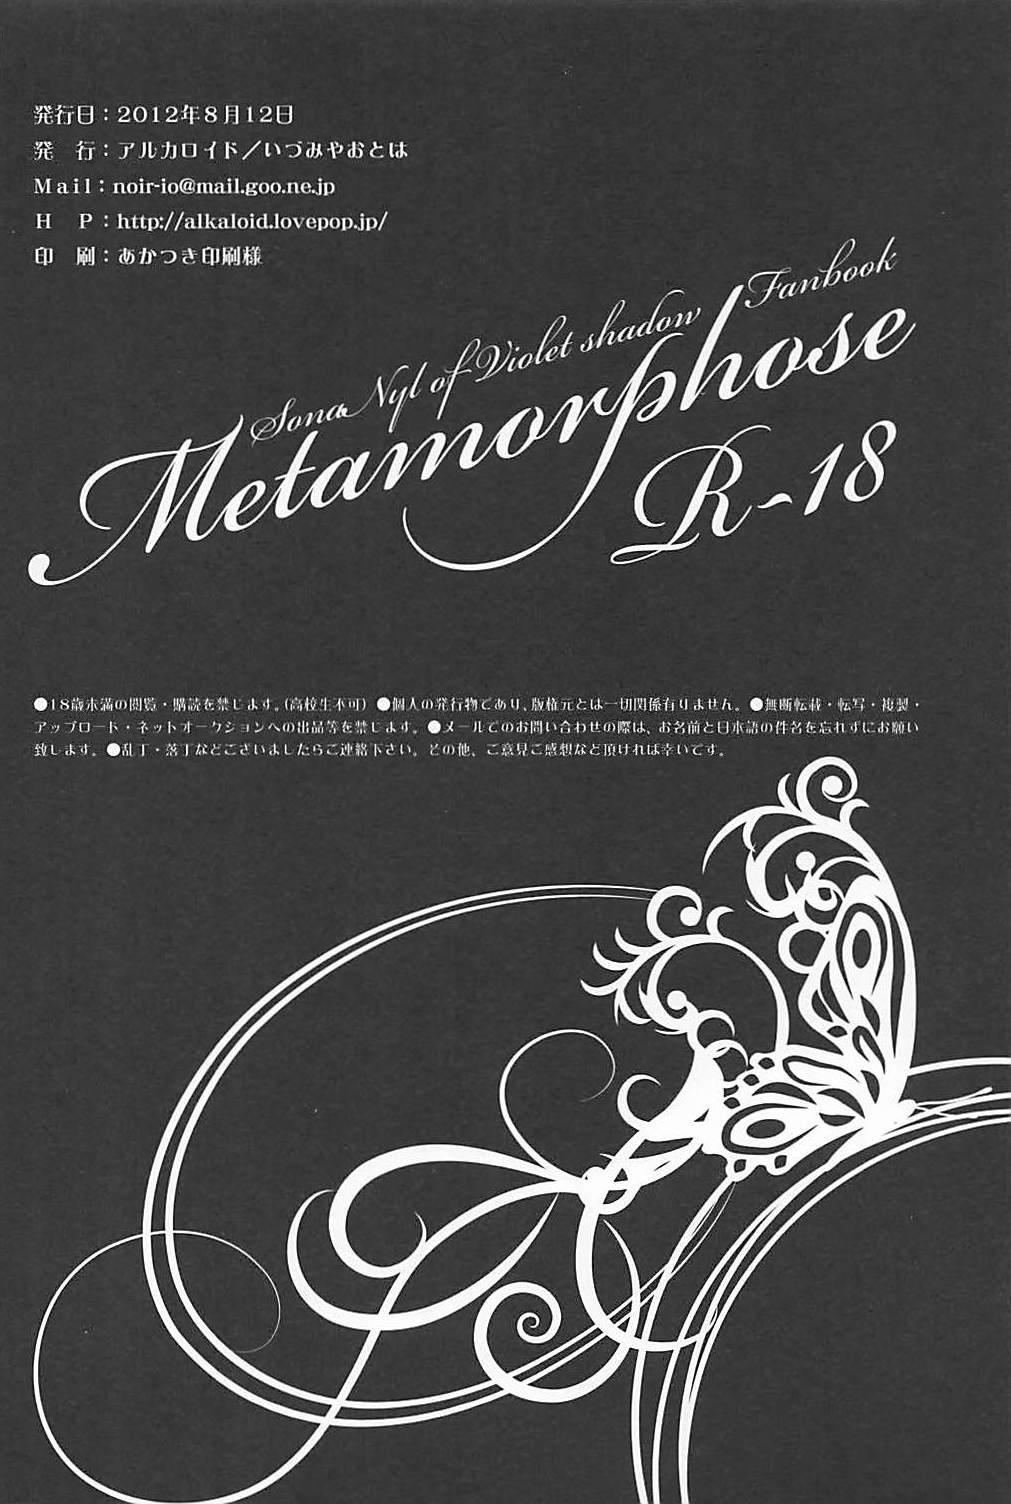 Metamorphose 28